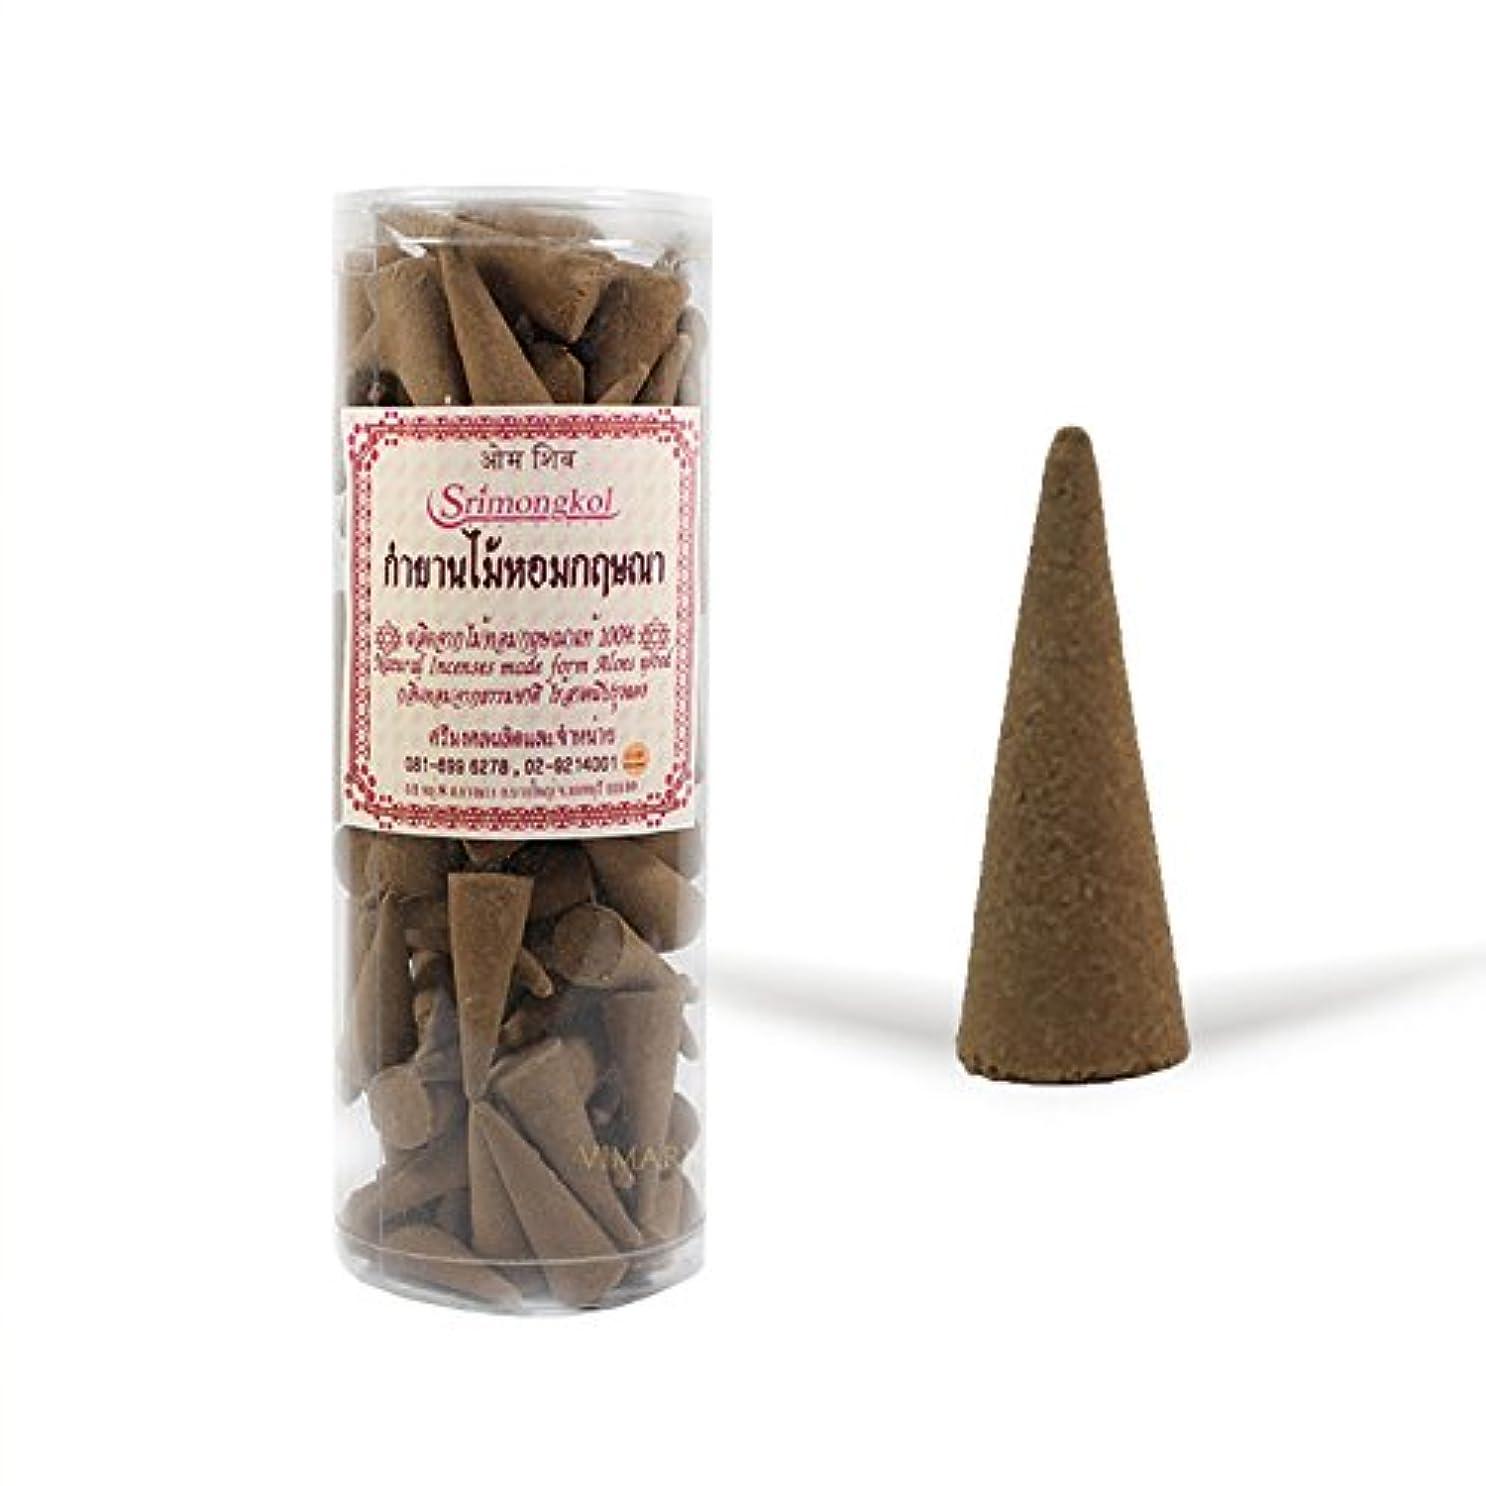 ブランド脚本家気絶させるSrimongkol Agarwood Natural Incense Cones 300 Grams (No Chemical):::Srimongkol Agarwoodナチュラル香コーン300グラム(化学薬品なし)